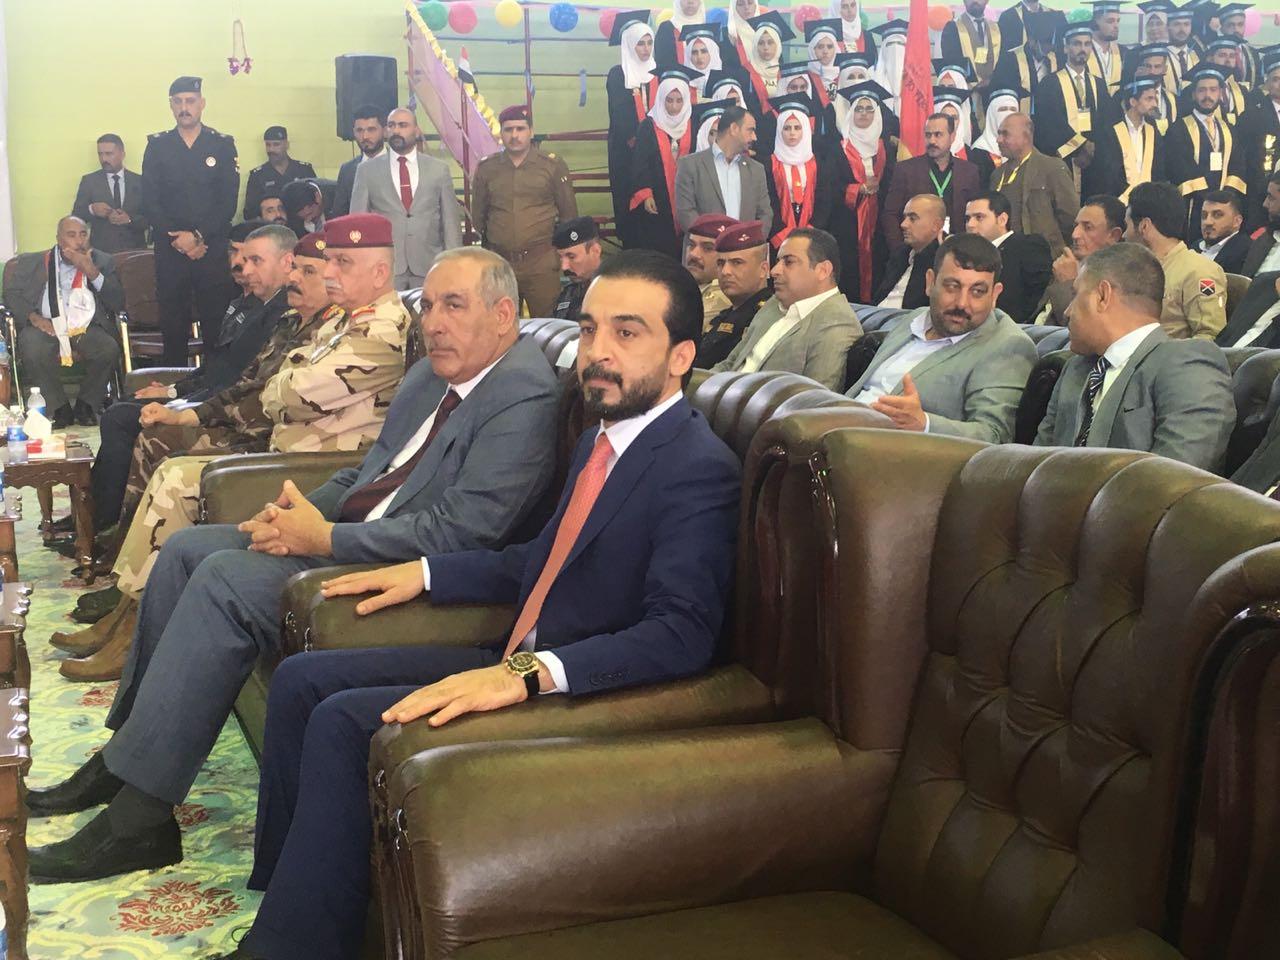 رئيس مجلس النواب محمد الحلبوسي يصل الى الانبار ويحضر حفل لتخرج طلبة الجامعة